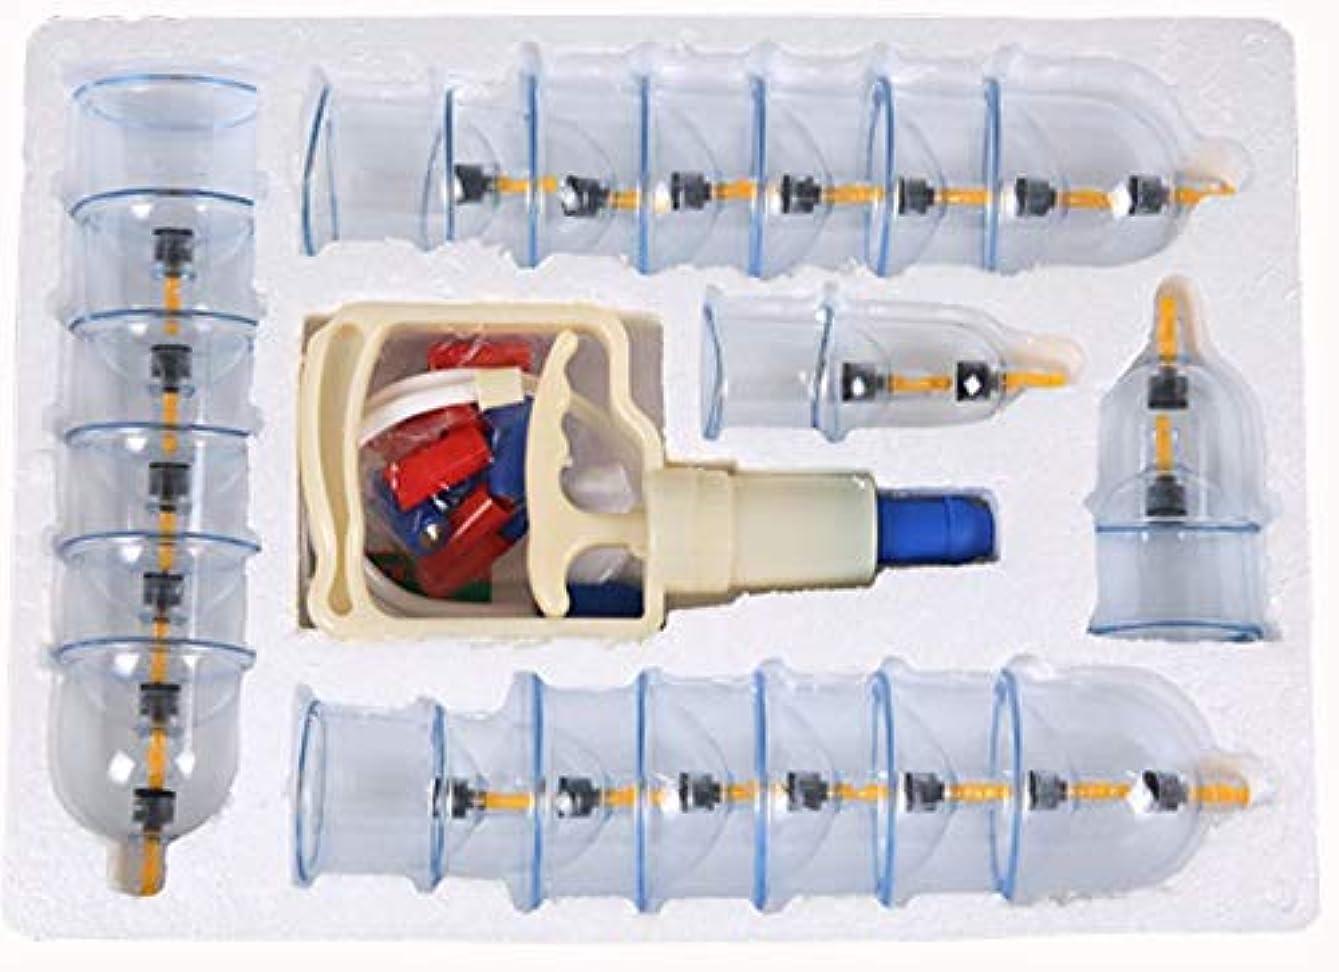 小さな主婦腹痛(ラフマトーン) カッピング 吸い玉 大きいカップが多い 吸い玉 5種 24個セット 磁針 12個 関節用カップ付 自宅エステ